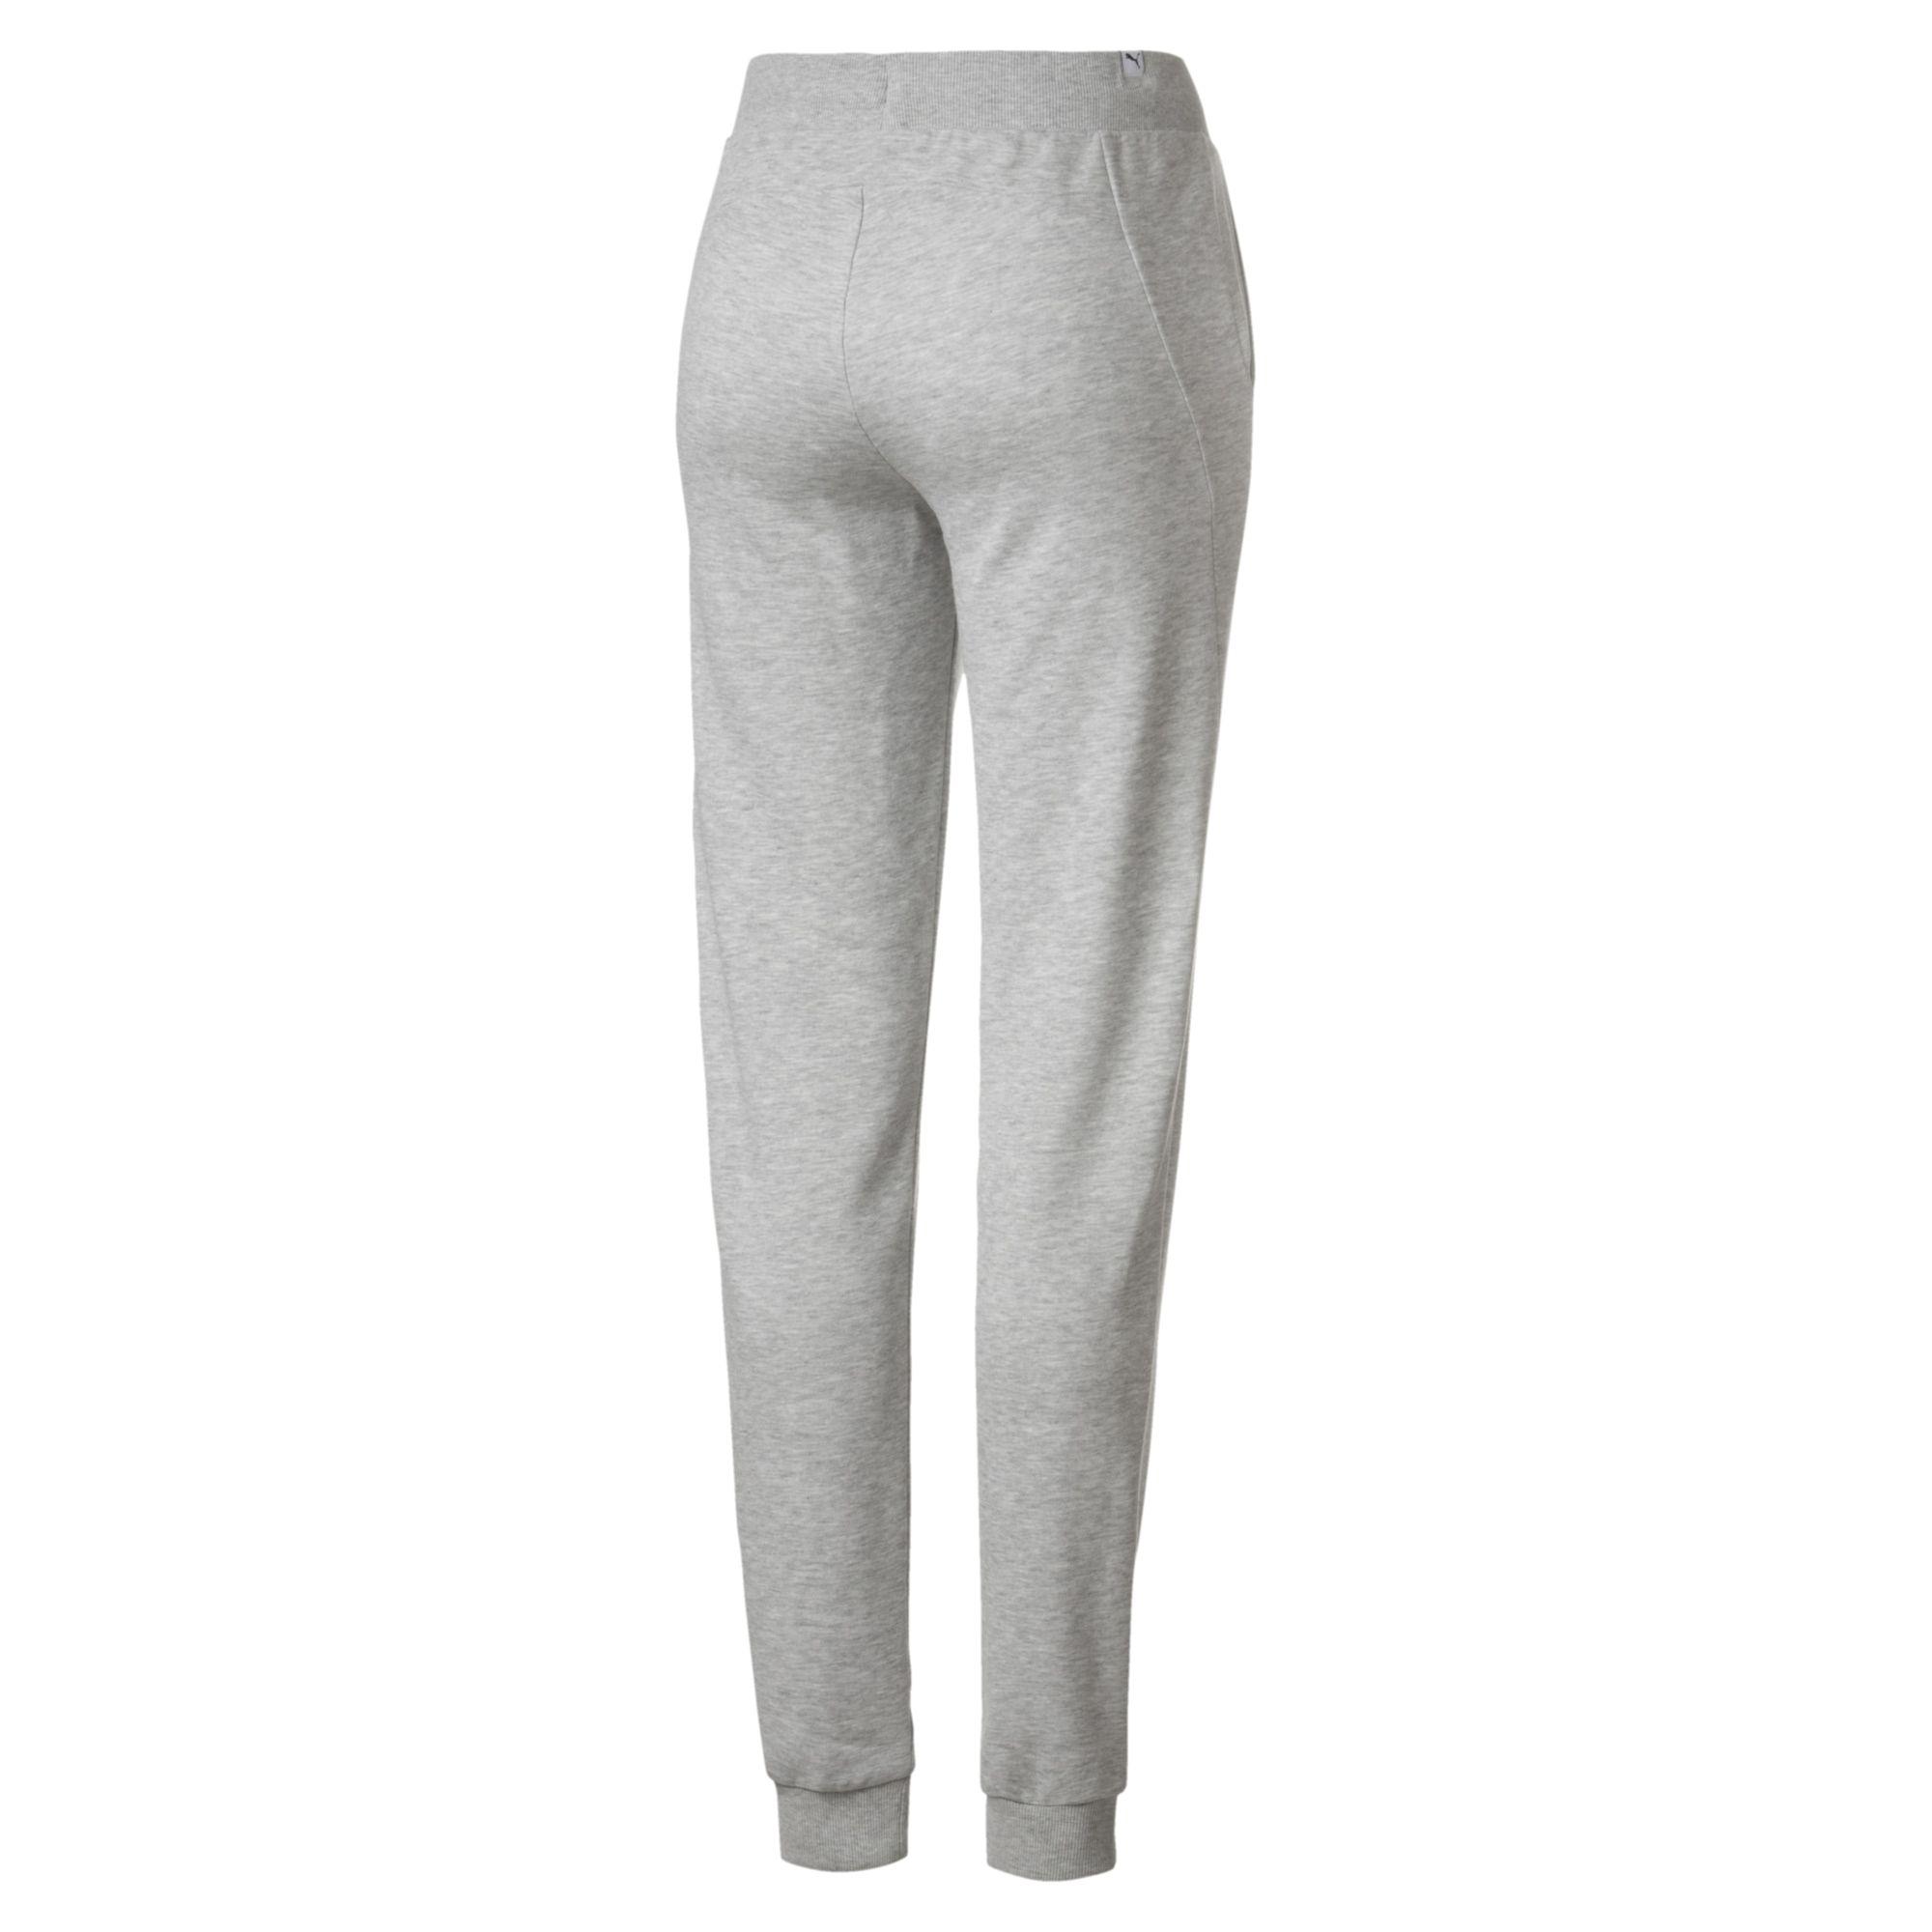 spodnie ESS No 1 Sweat Pants F 83842504 r XS 7402391408